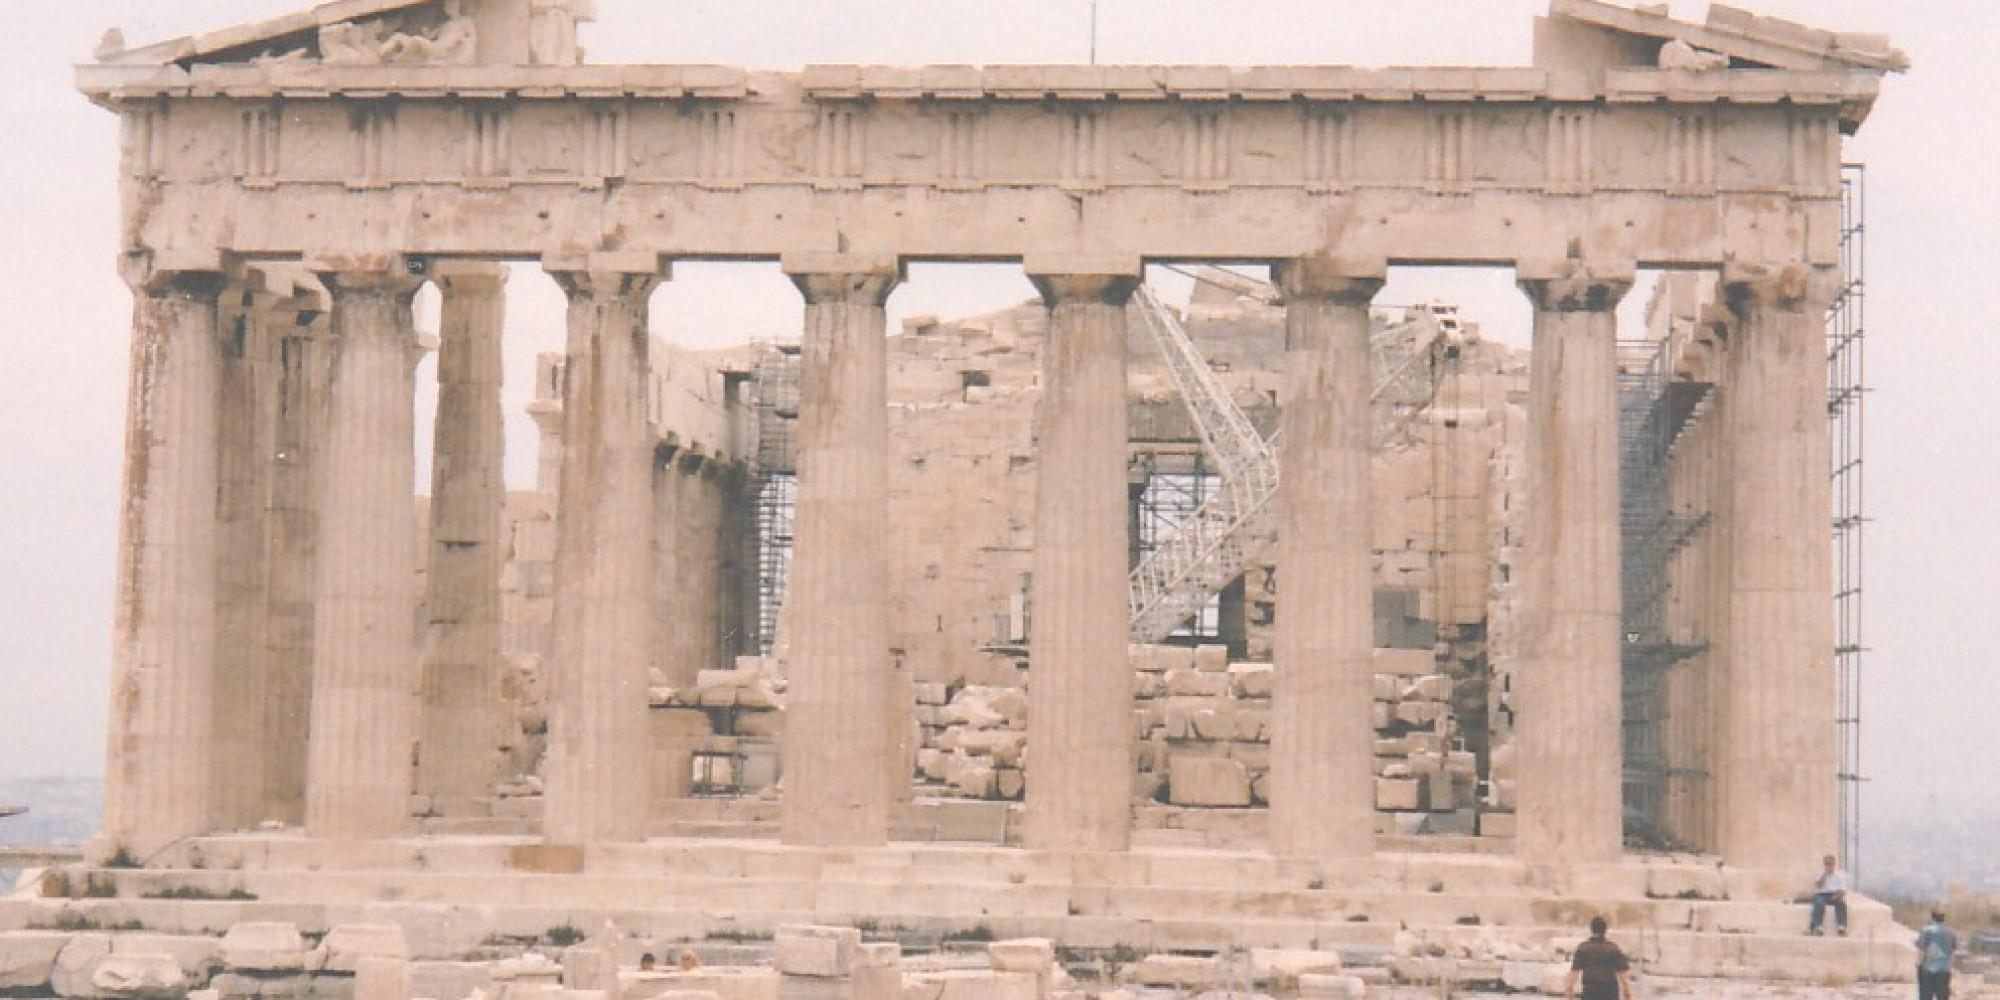 緊縮策をめぐるギリシャとEUの交渉決裂 シェア ツイート  緊縮策をめぐりギリシャとEUの交渉決